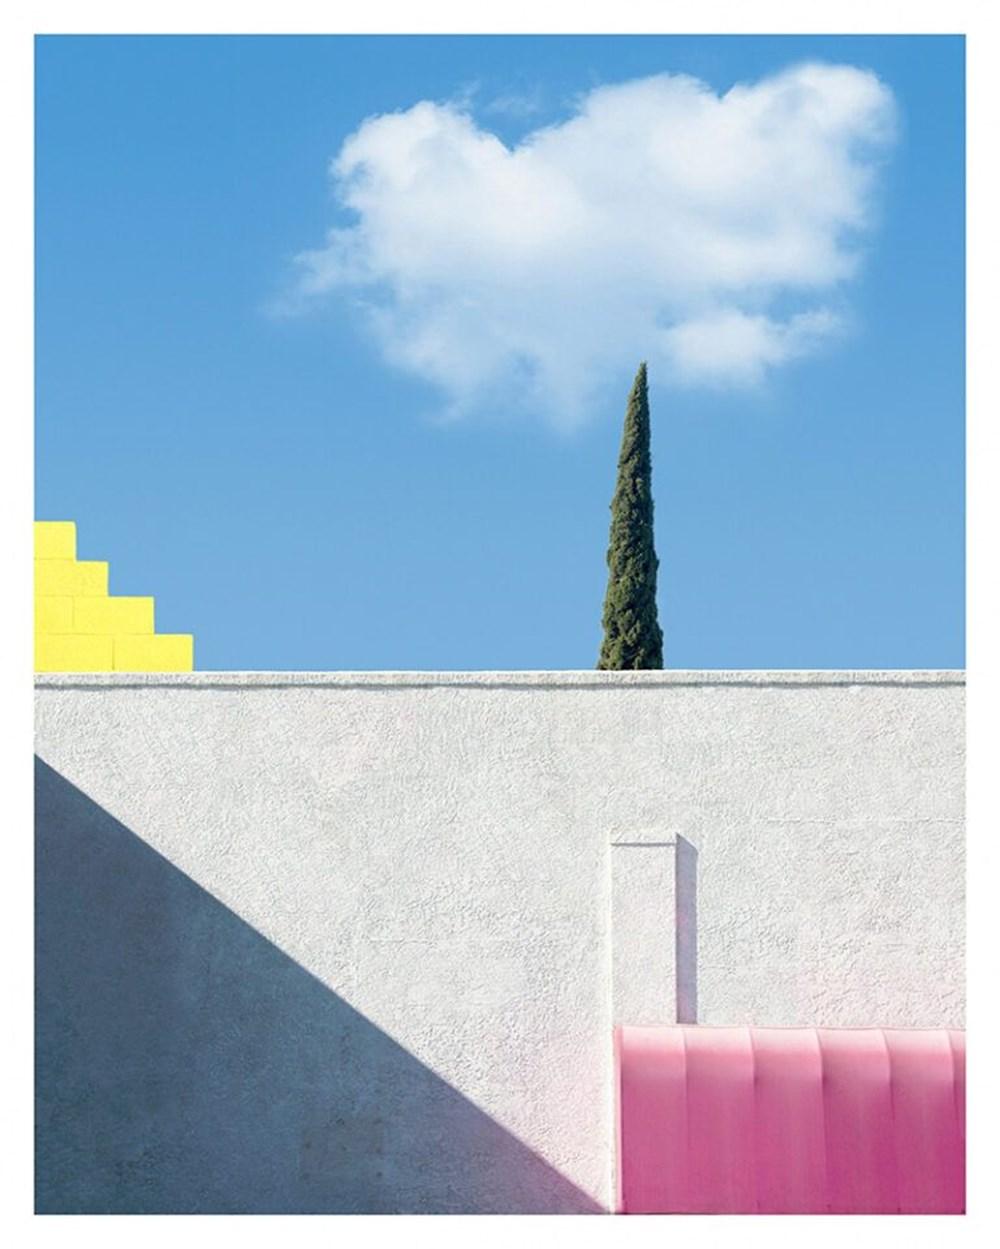 İlin Minimalist Fotosu - George Byrne